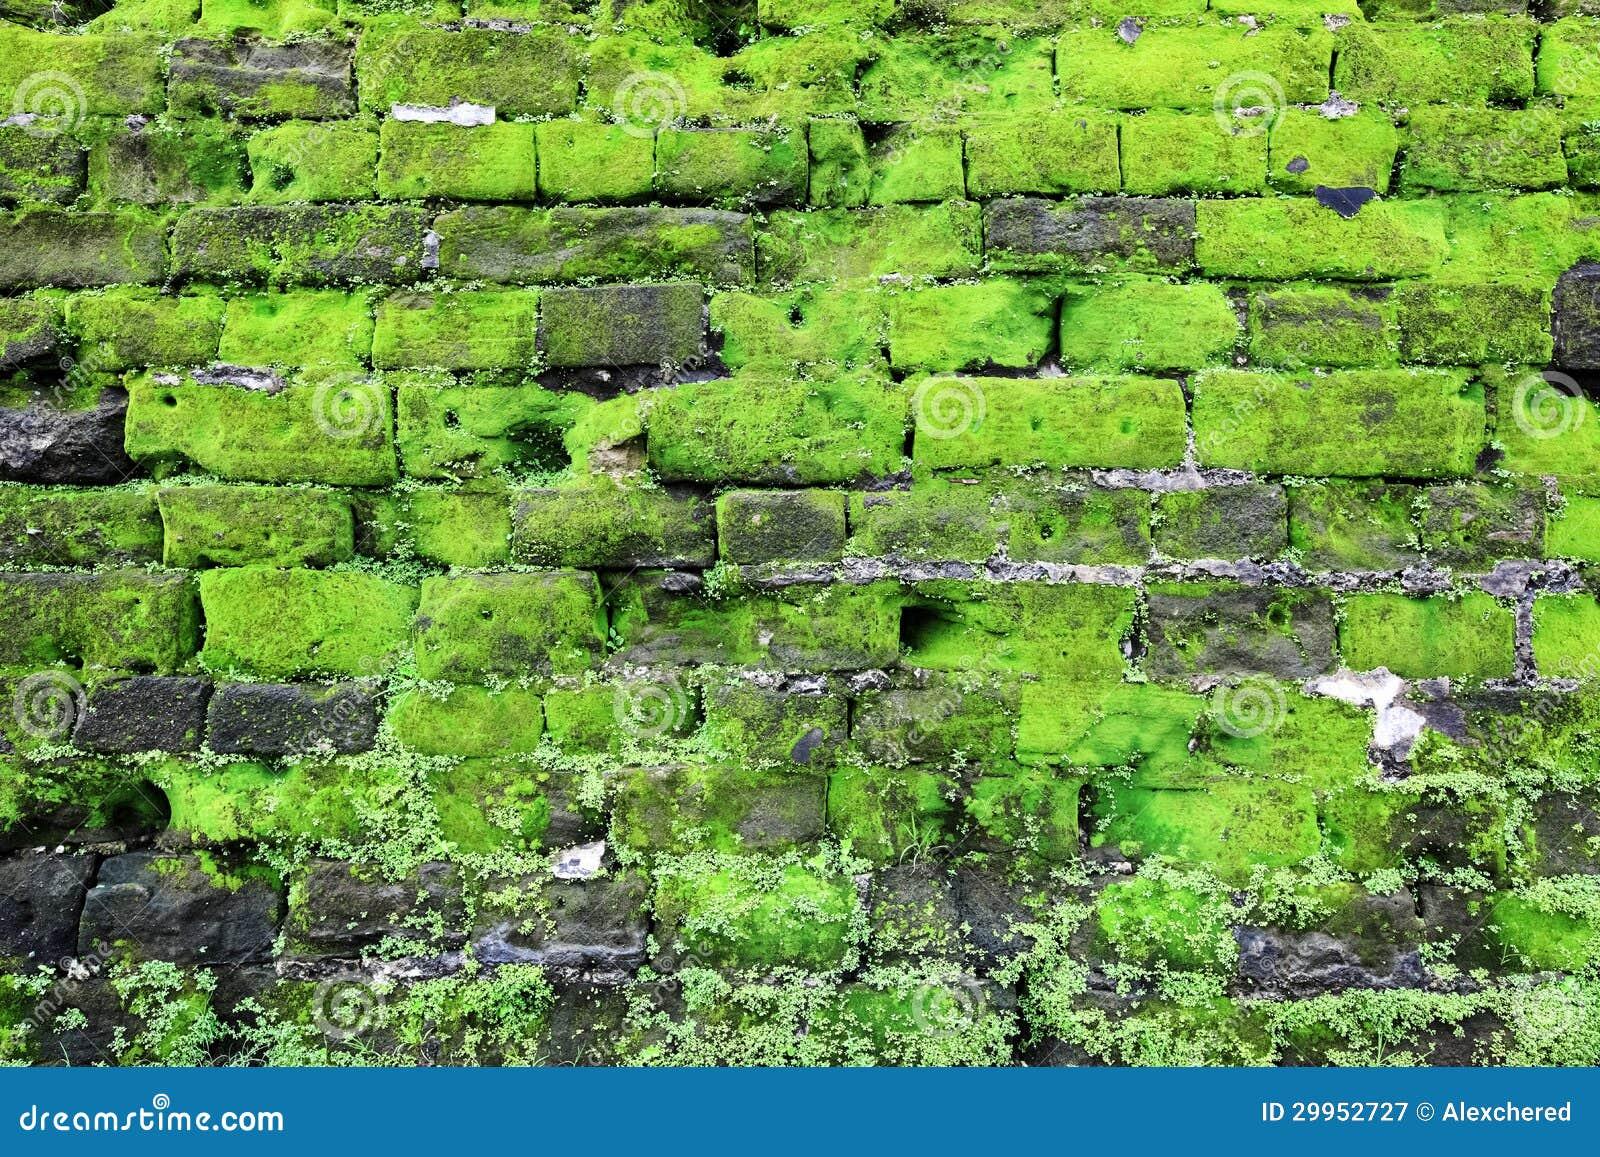 vieux mur en pierre avec de la mousse verte photographie stock libre de droits image 29952727. Black Bedroom Furniture Sets. Home Design Ideas